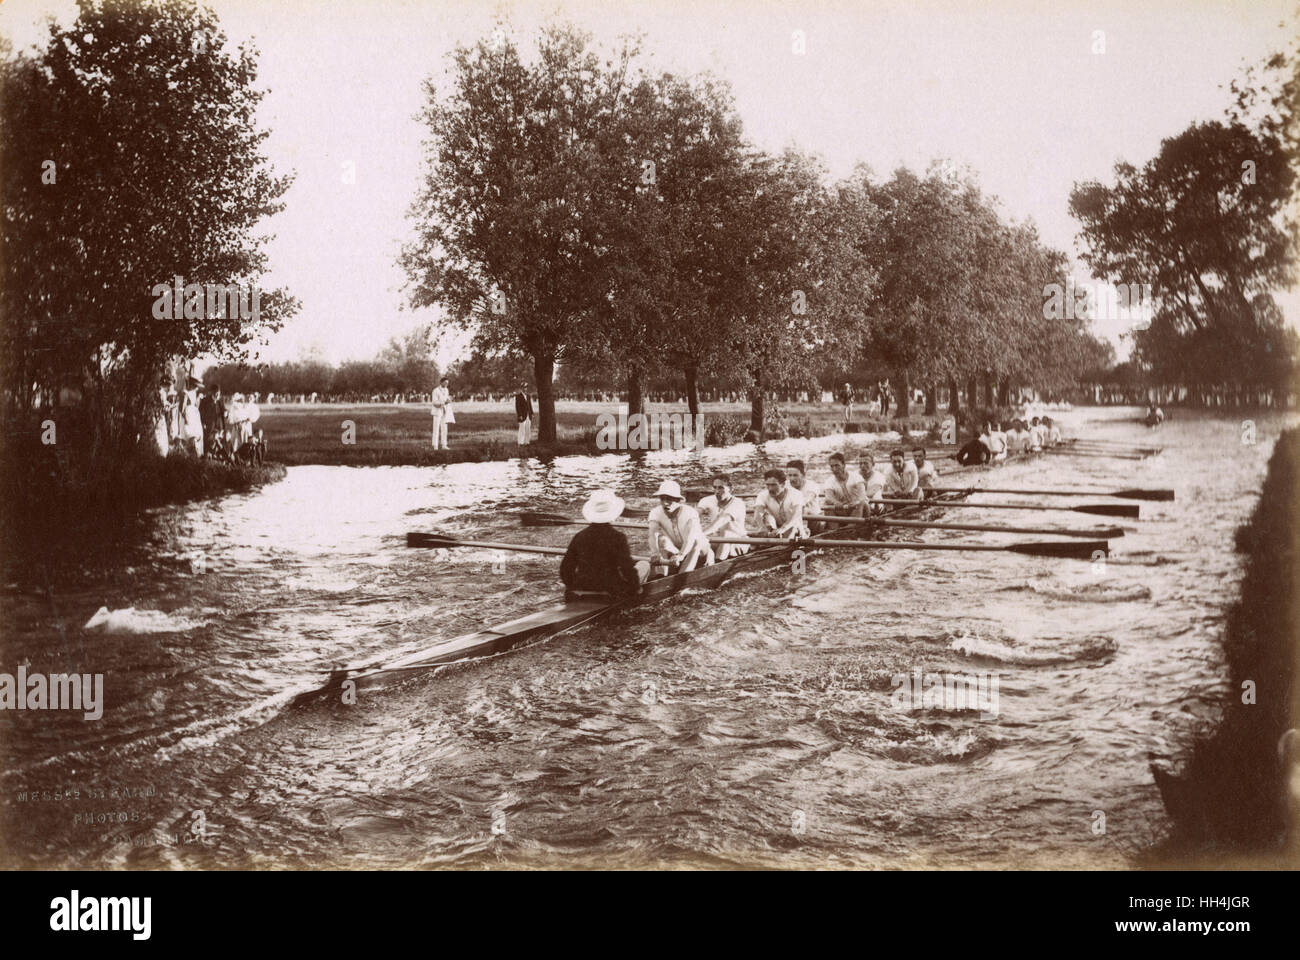 Un équipage d'aviron sur la rivière Cam. Photo Stock